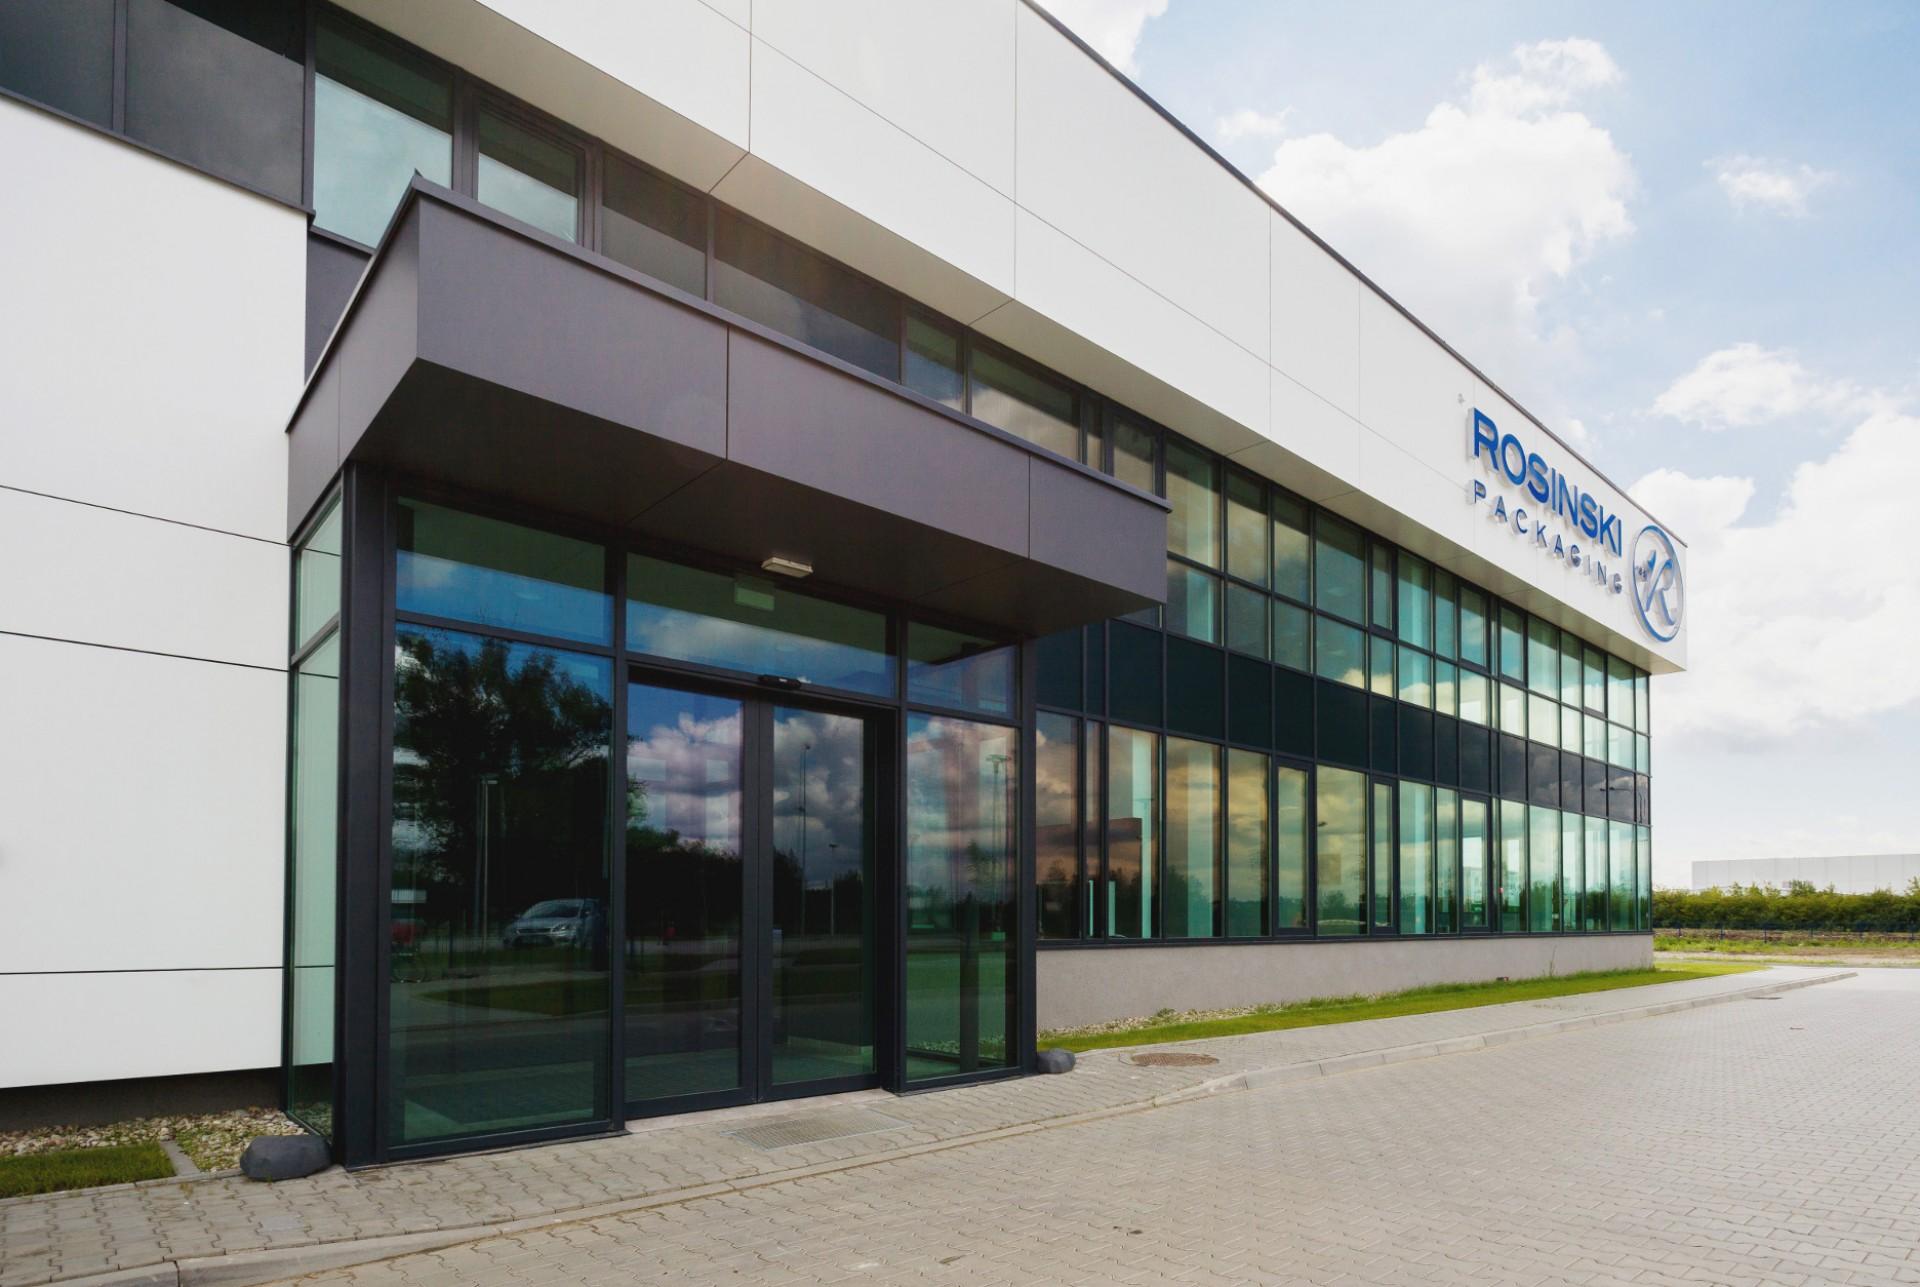 Obiekt firmy Rosiński Packaging w Nowym Dworze Mazowieckim